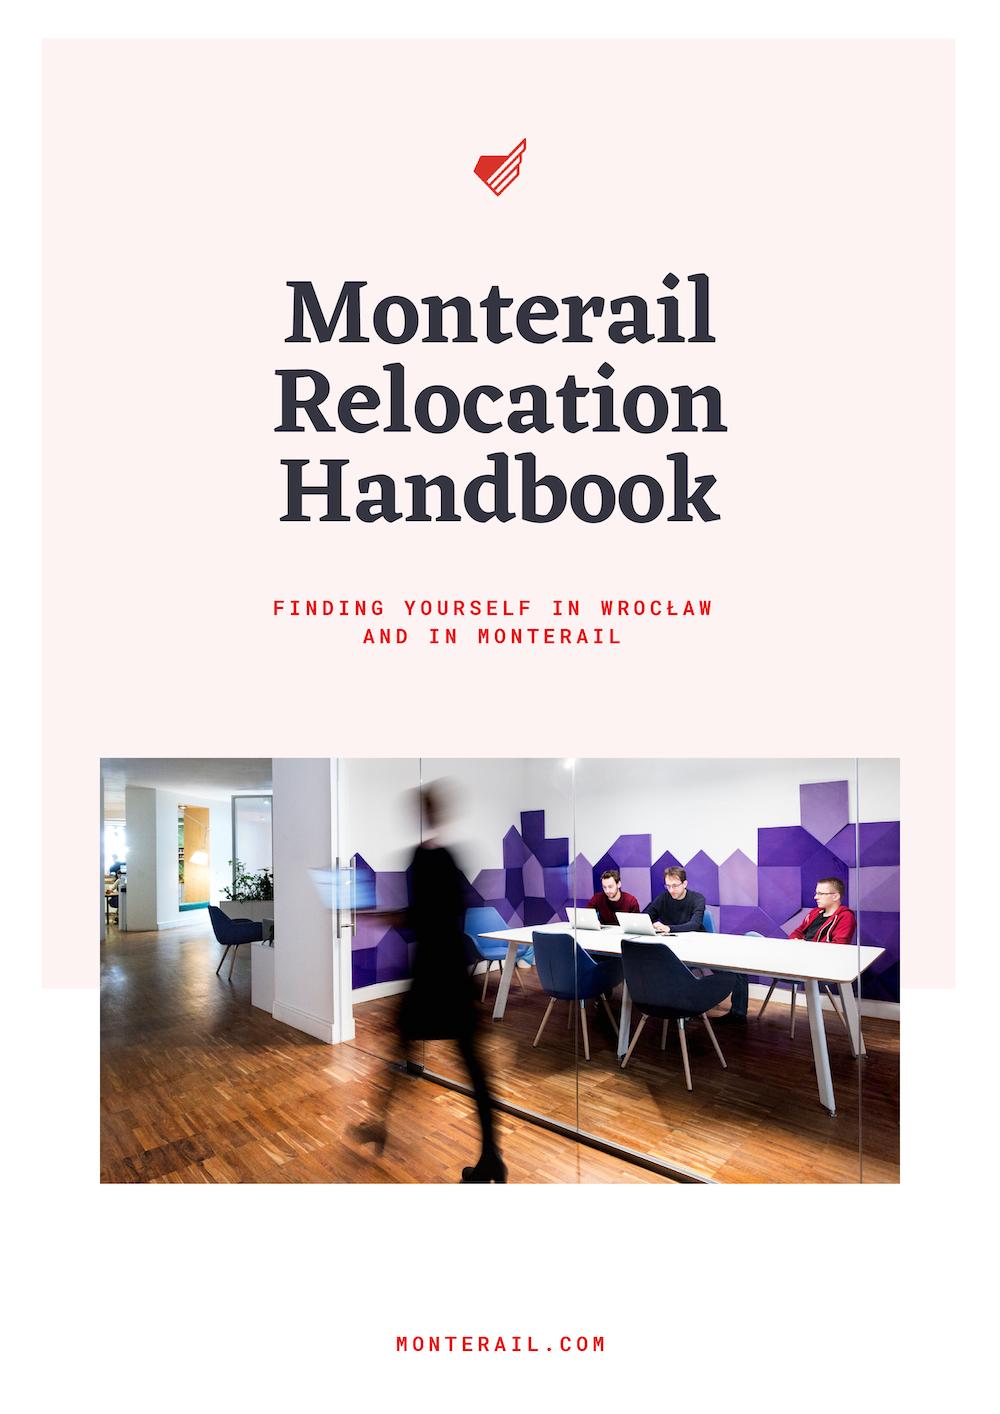 monterail-relocation-handbook